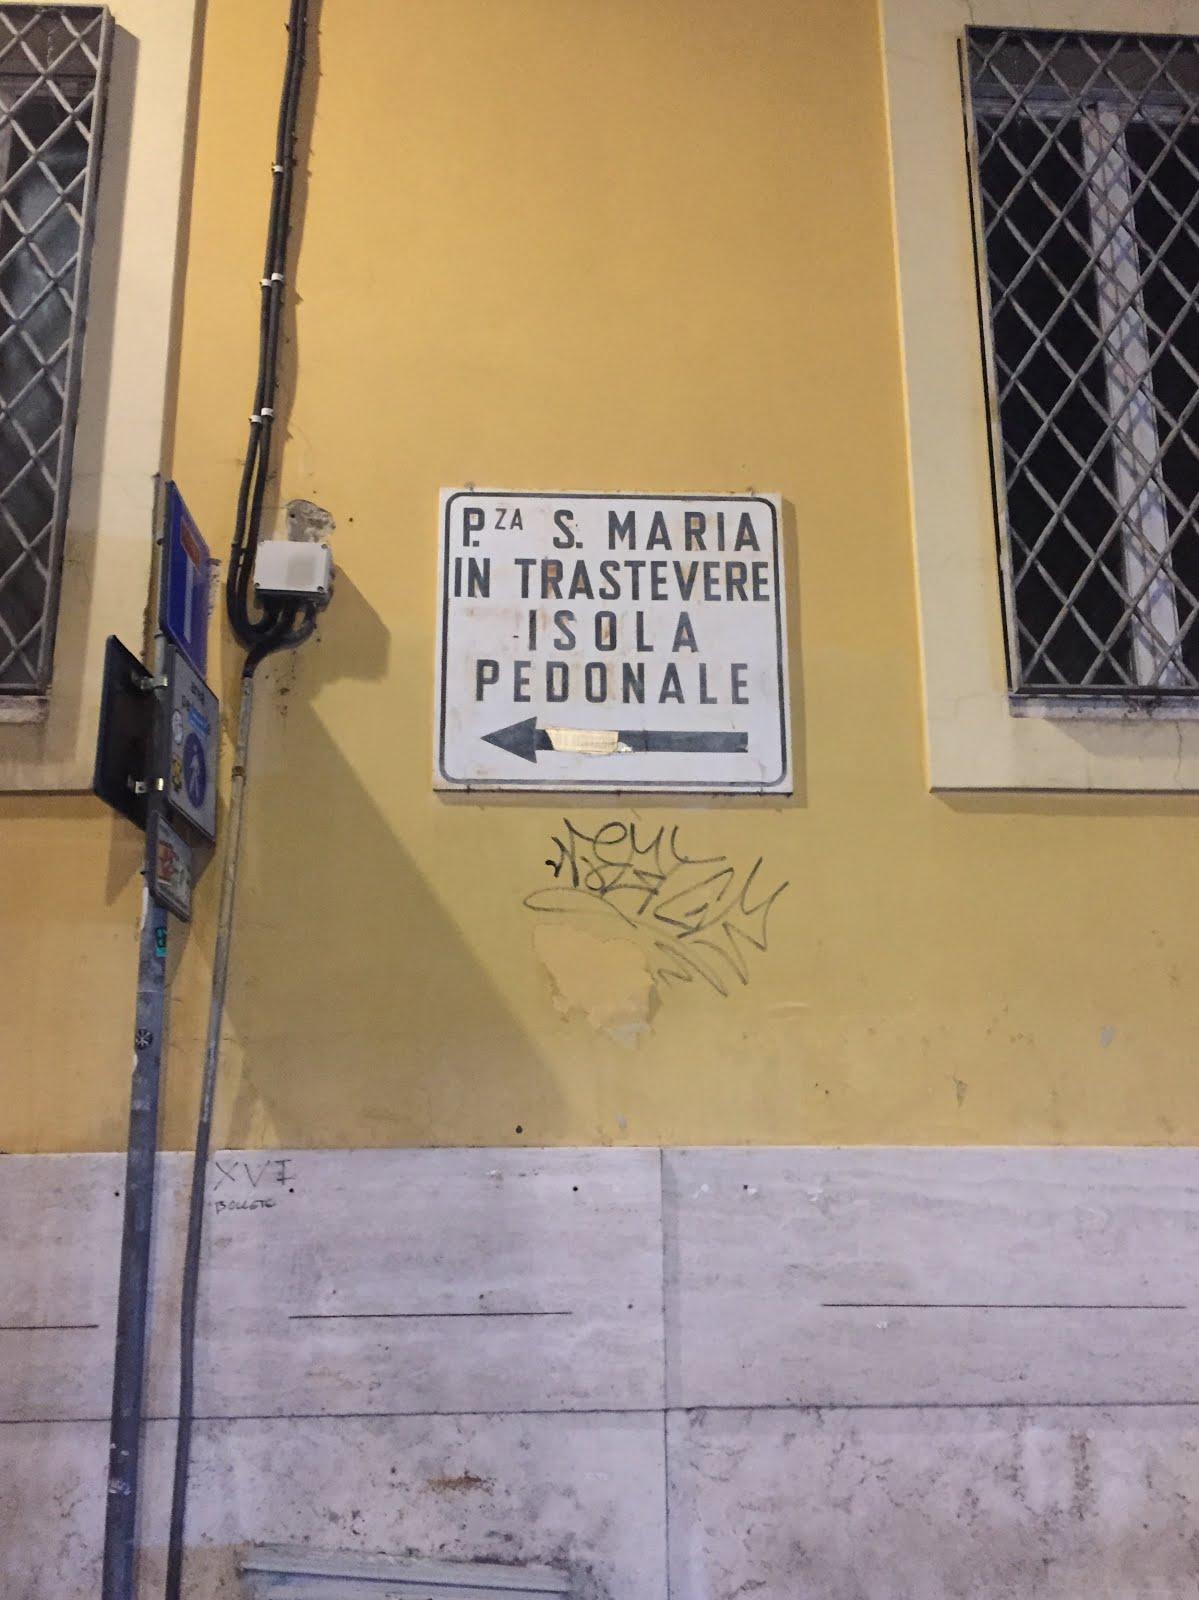 se balader dans le quartier de trastevere la nuit à rome